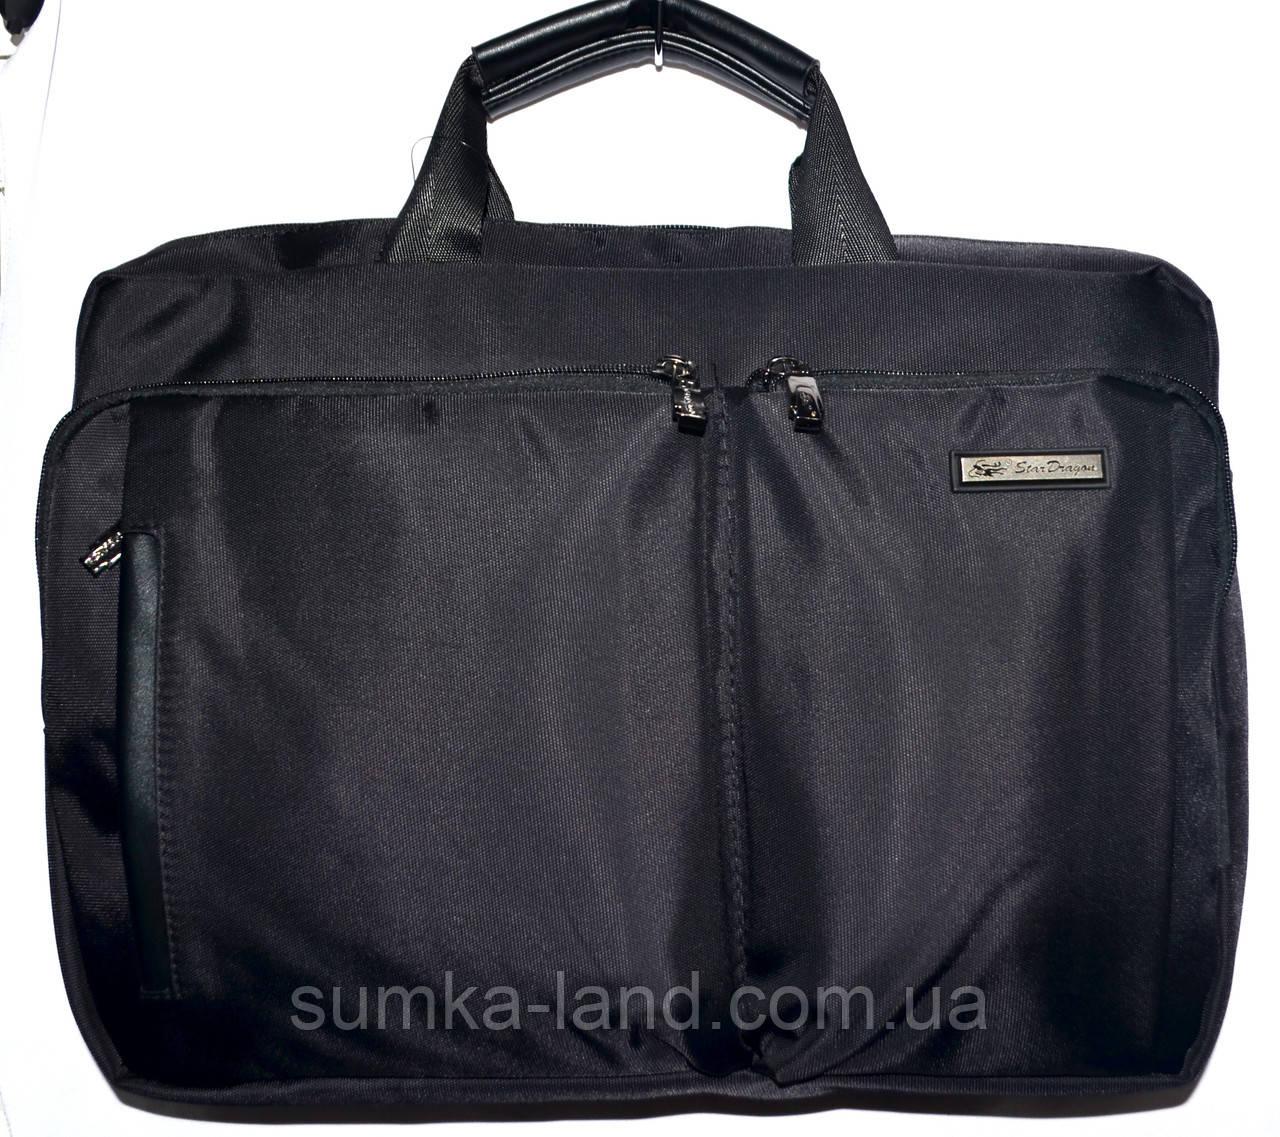 Портфель, сумка для ноутбука черного цвета 38*28 см